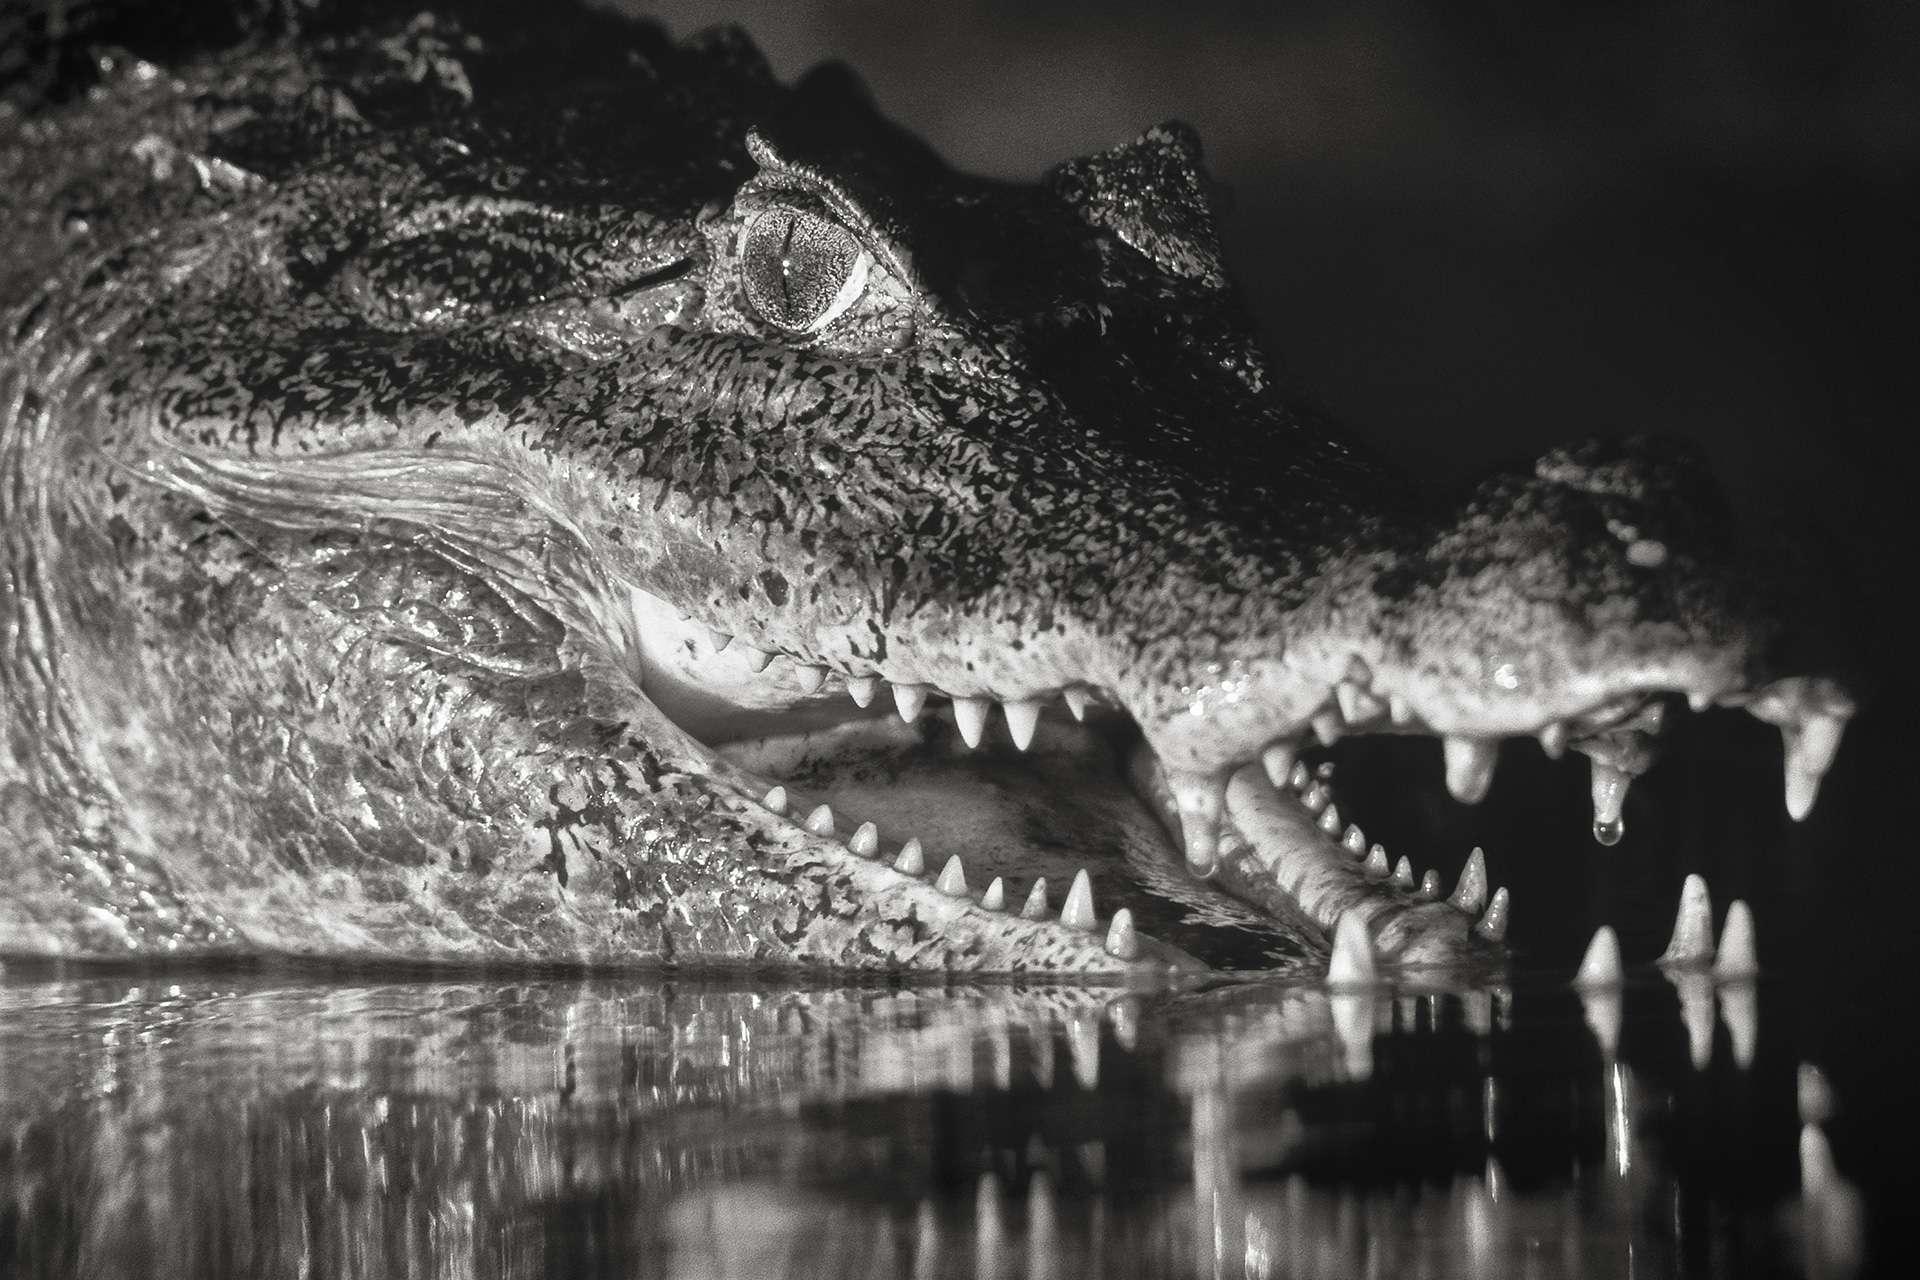 Crocodile, Caïman à lunettes du Venezuela, Struggle for life